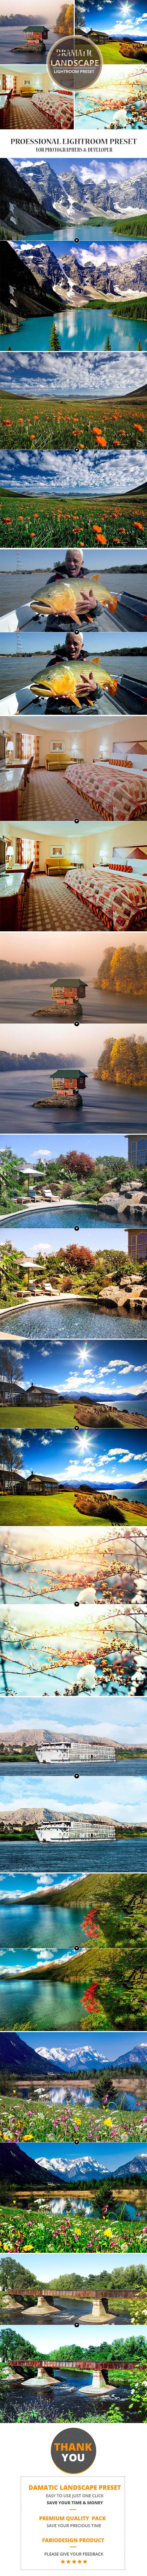 12 Dramatic Landscape Preset - Landscape Lightroom Presets